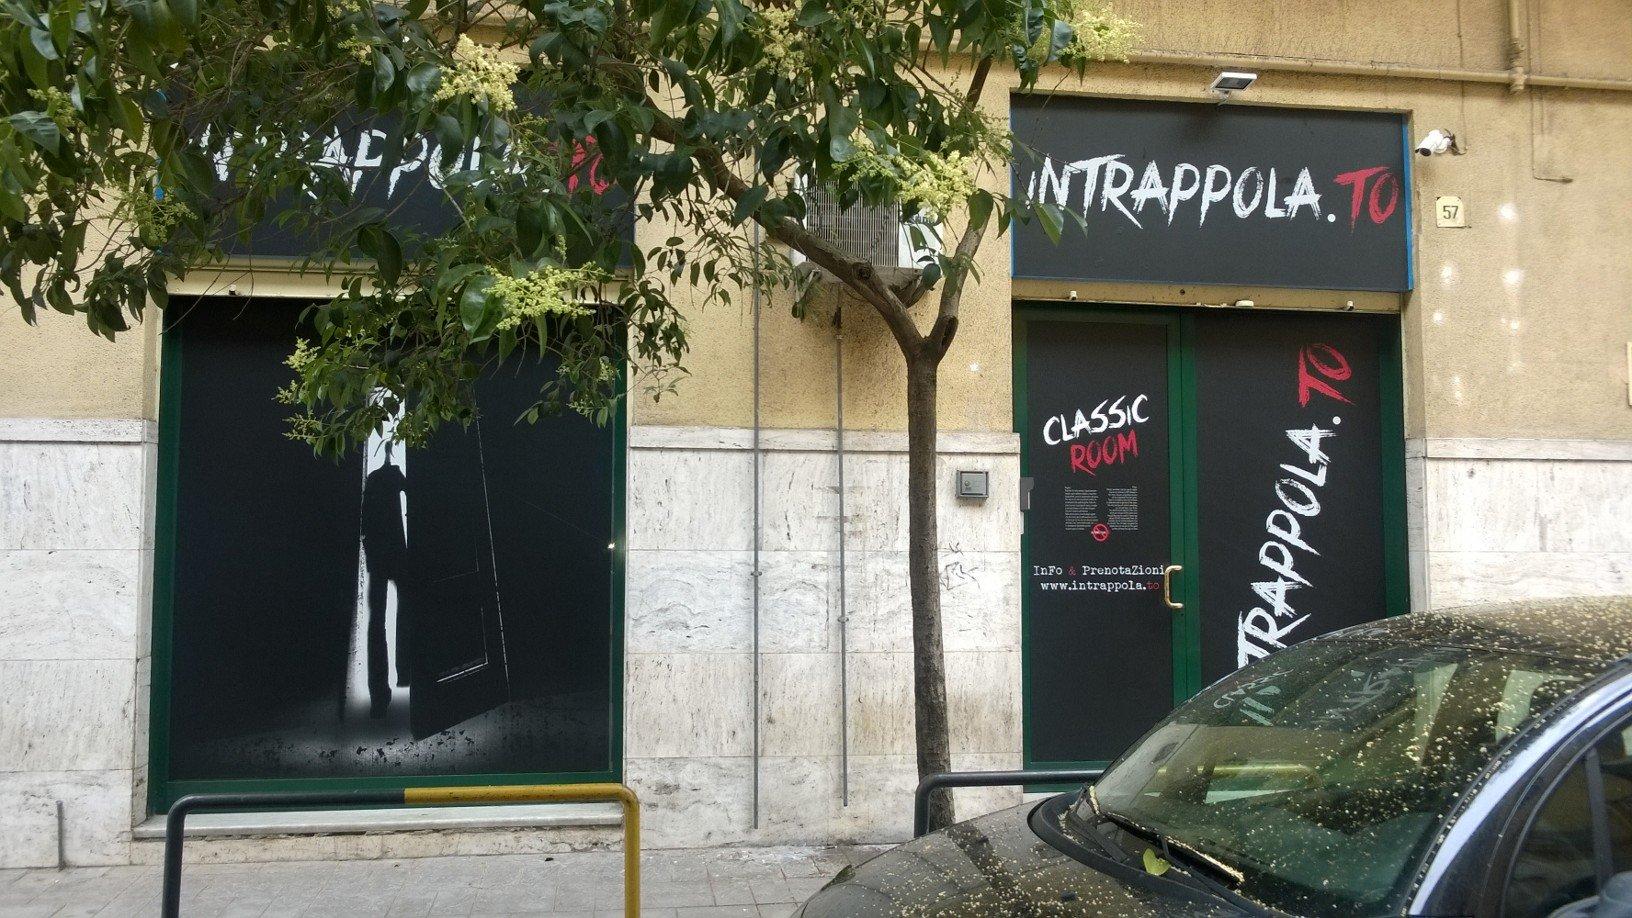 Escape Room Intrappola.TO - Foggia